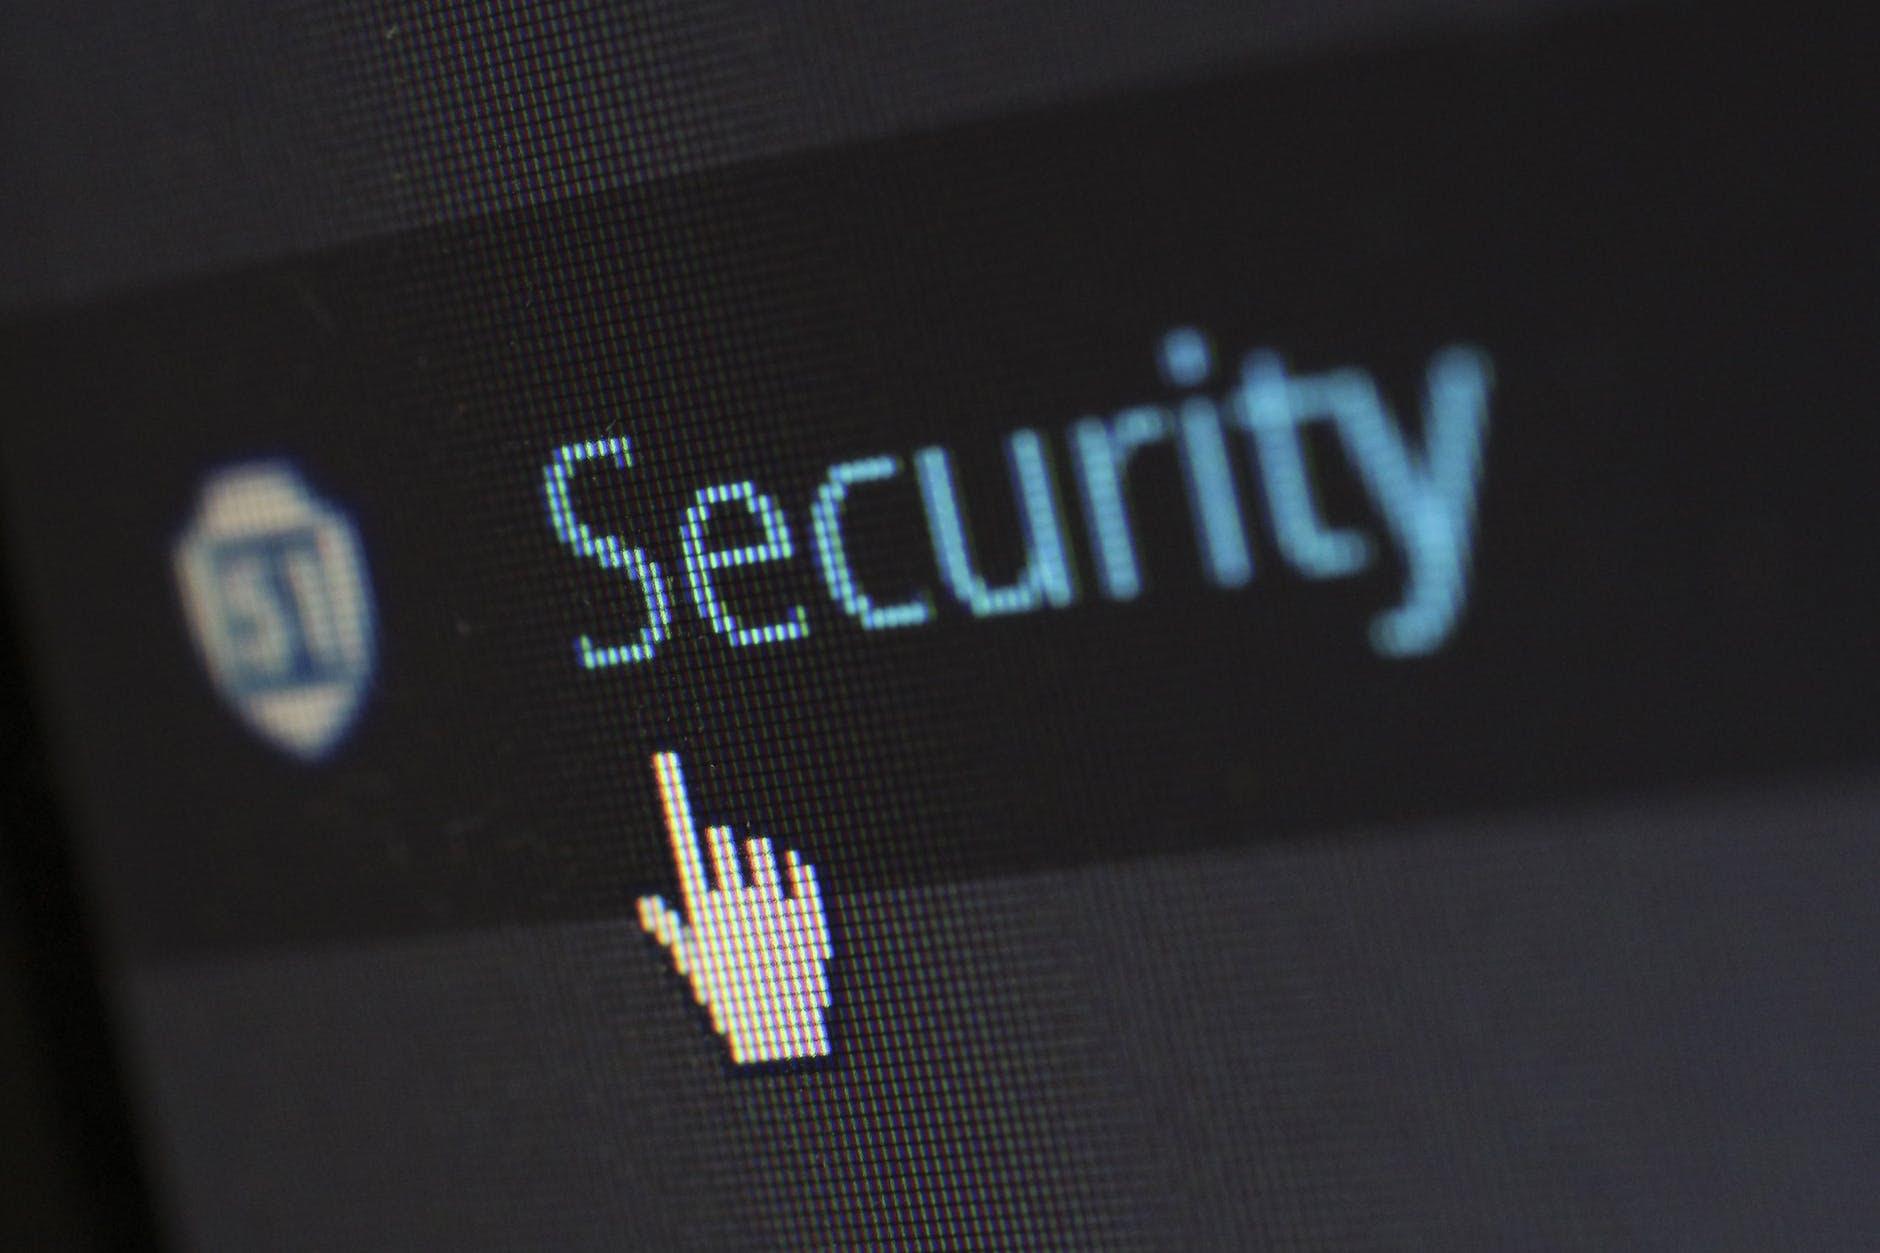 Cybersecurity: ecco i dieci peggiori attacchi del 2018 thumbnail